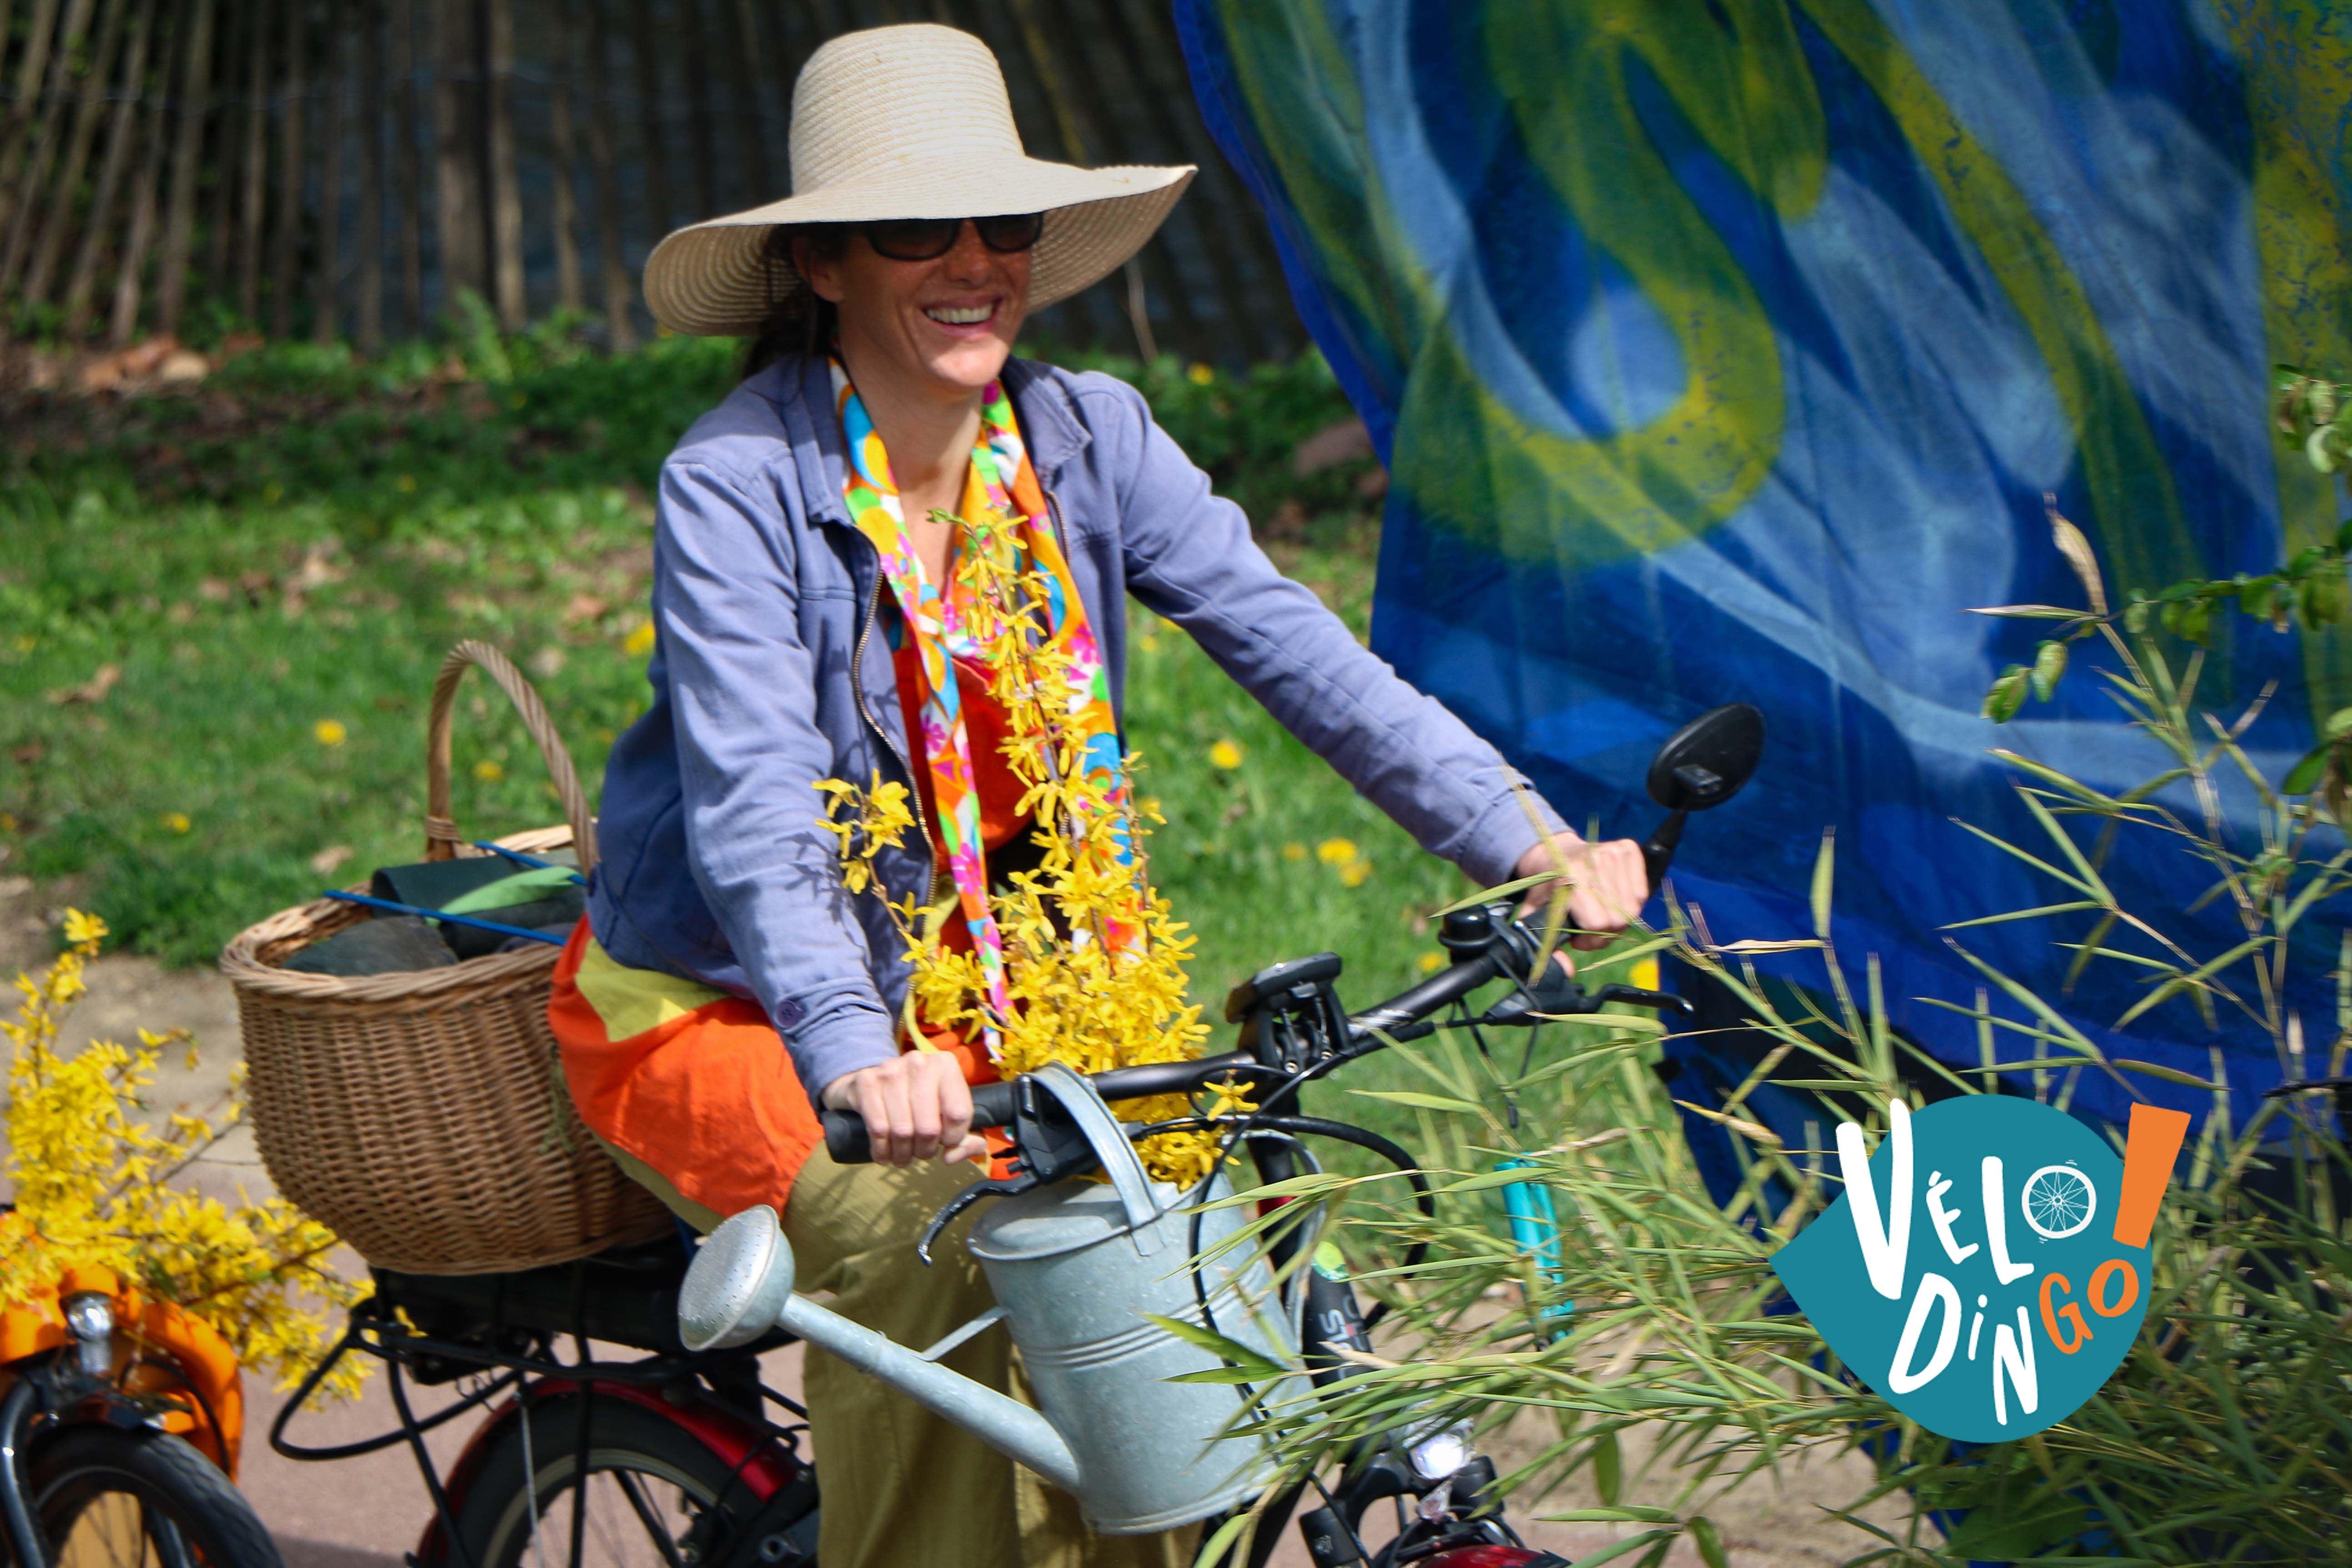 LA DINGO SUD - Rando Vélo & Spectacles en pleine nature